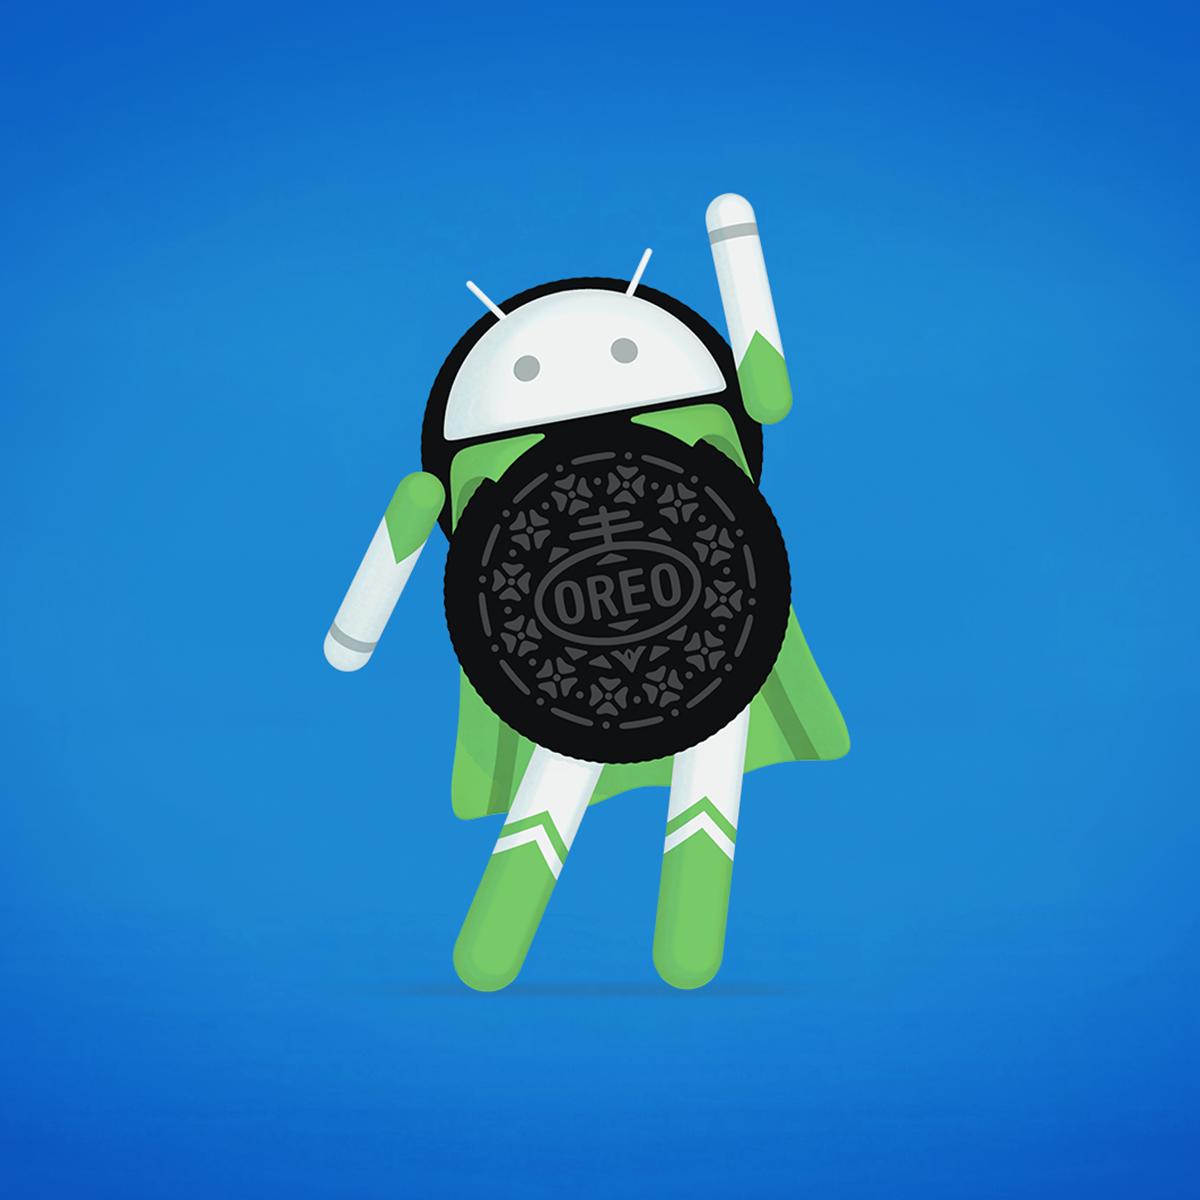 Oficiálně: Android 8.0 Oreo